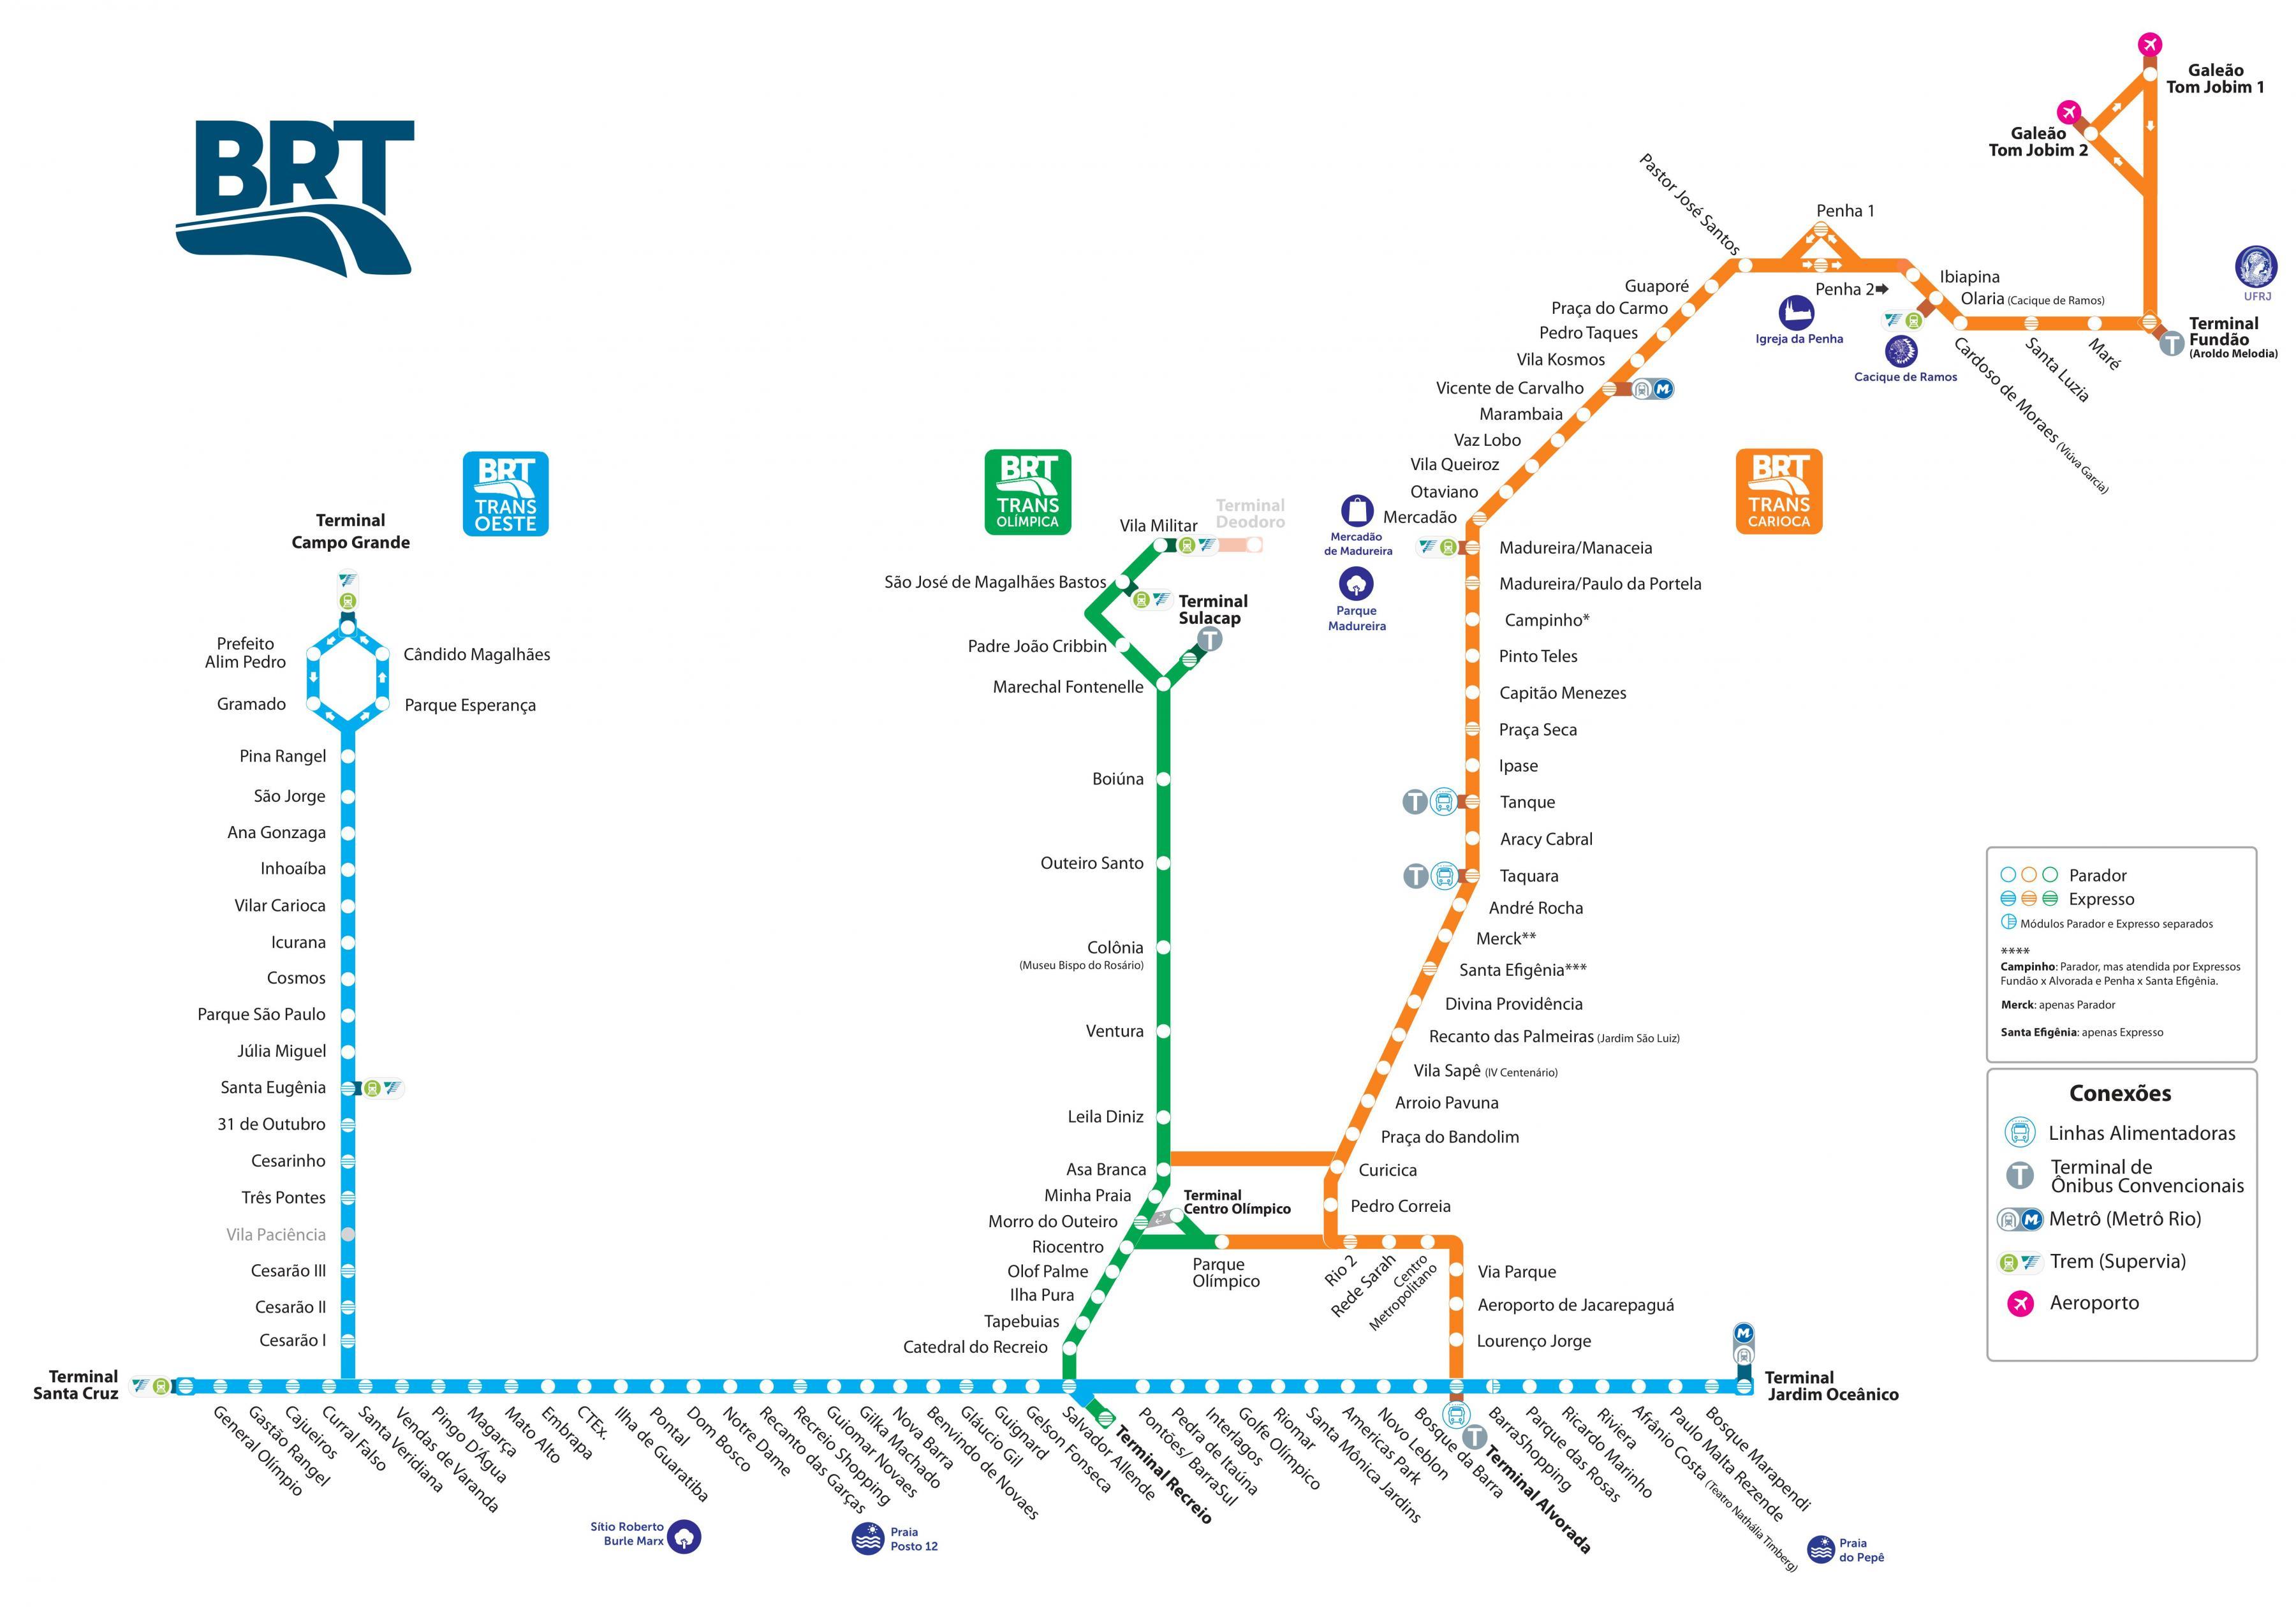 Mapa-BRT-do-Rio-Tamanho-Grande O que fazer no Rio de Janeiro (50 Dicas + Roteiro)